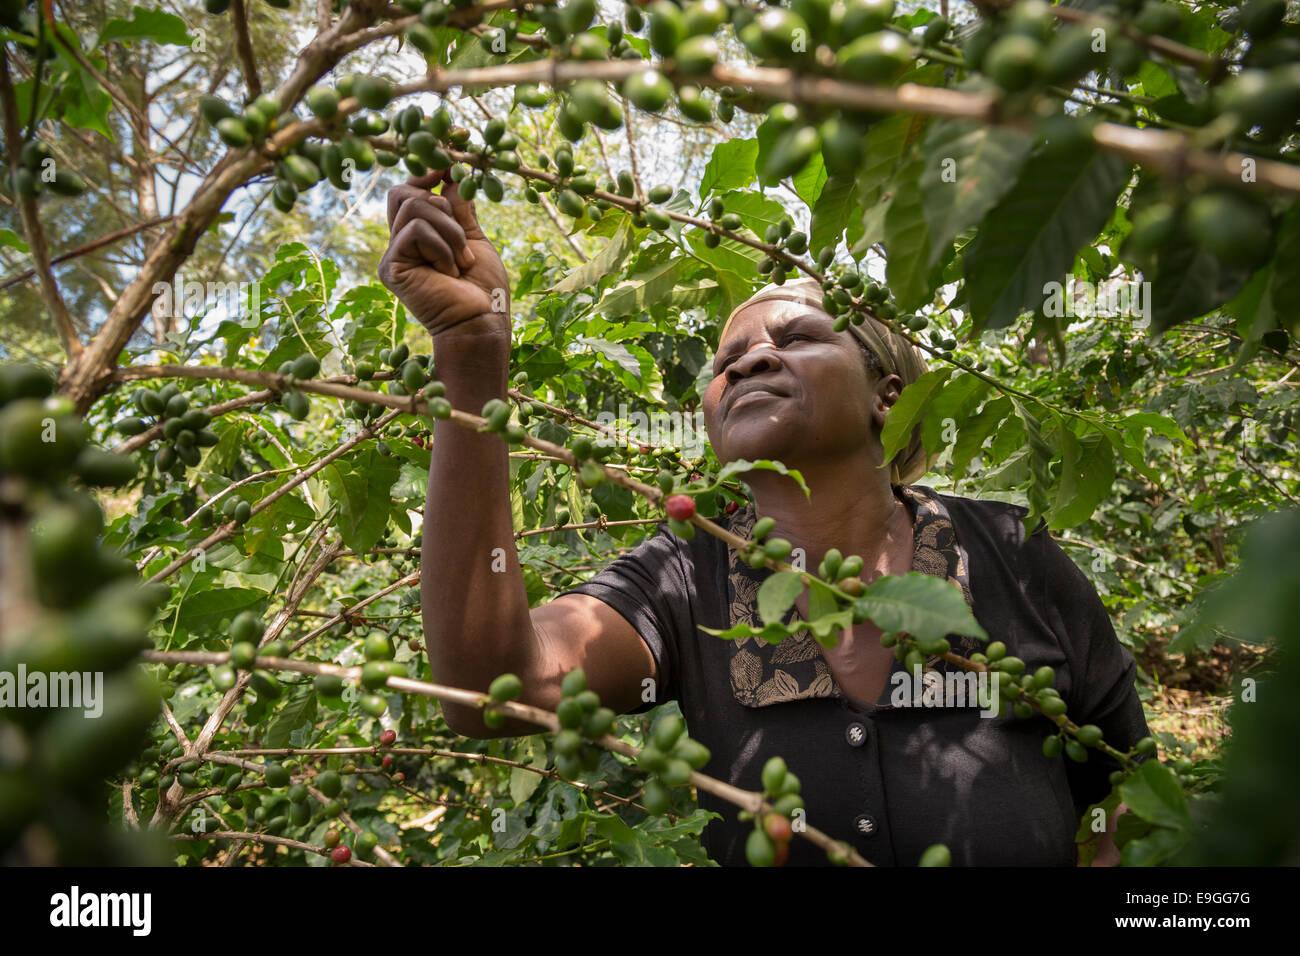 Un piccolo agricoltore picks ciliegie di caffè nel suo campo. Immagini Stock